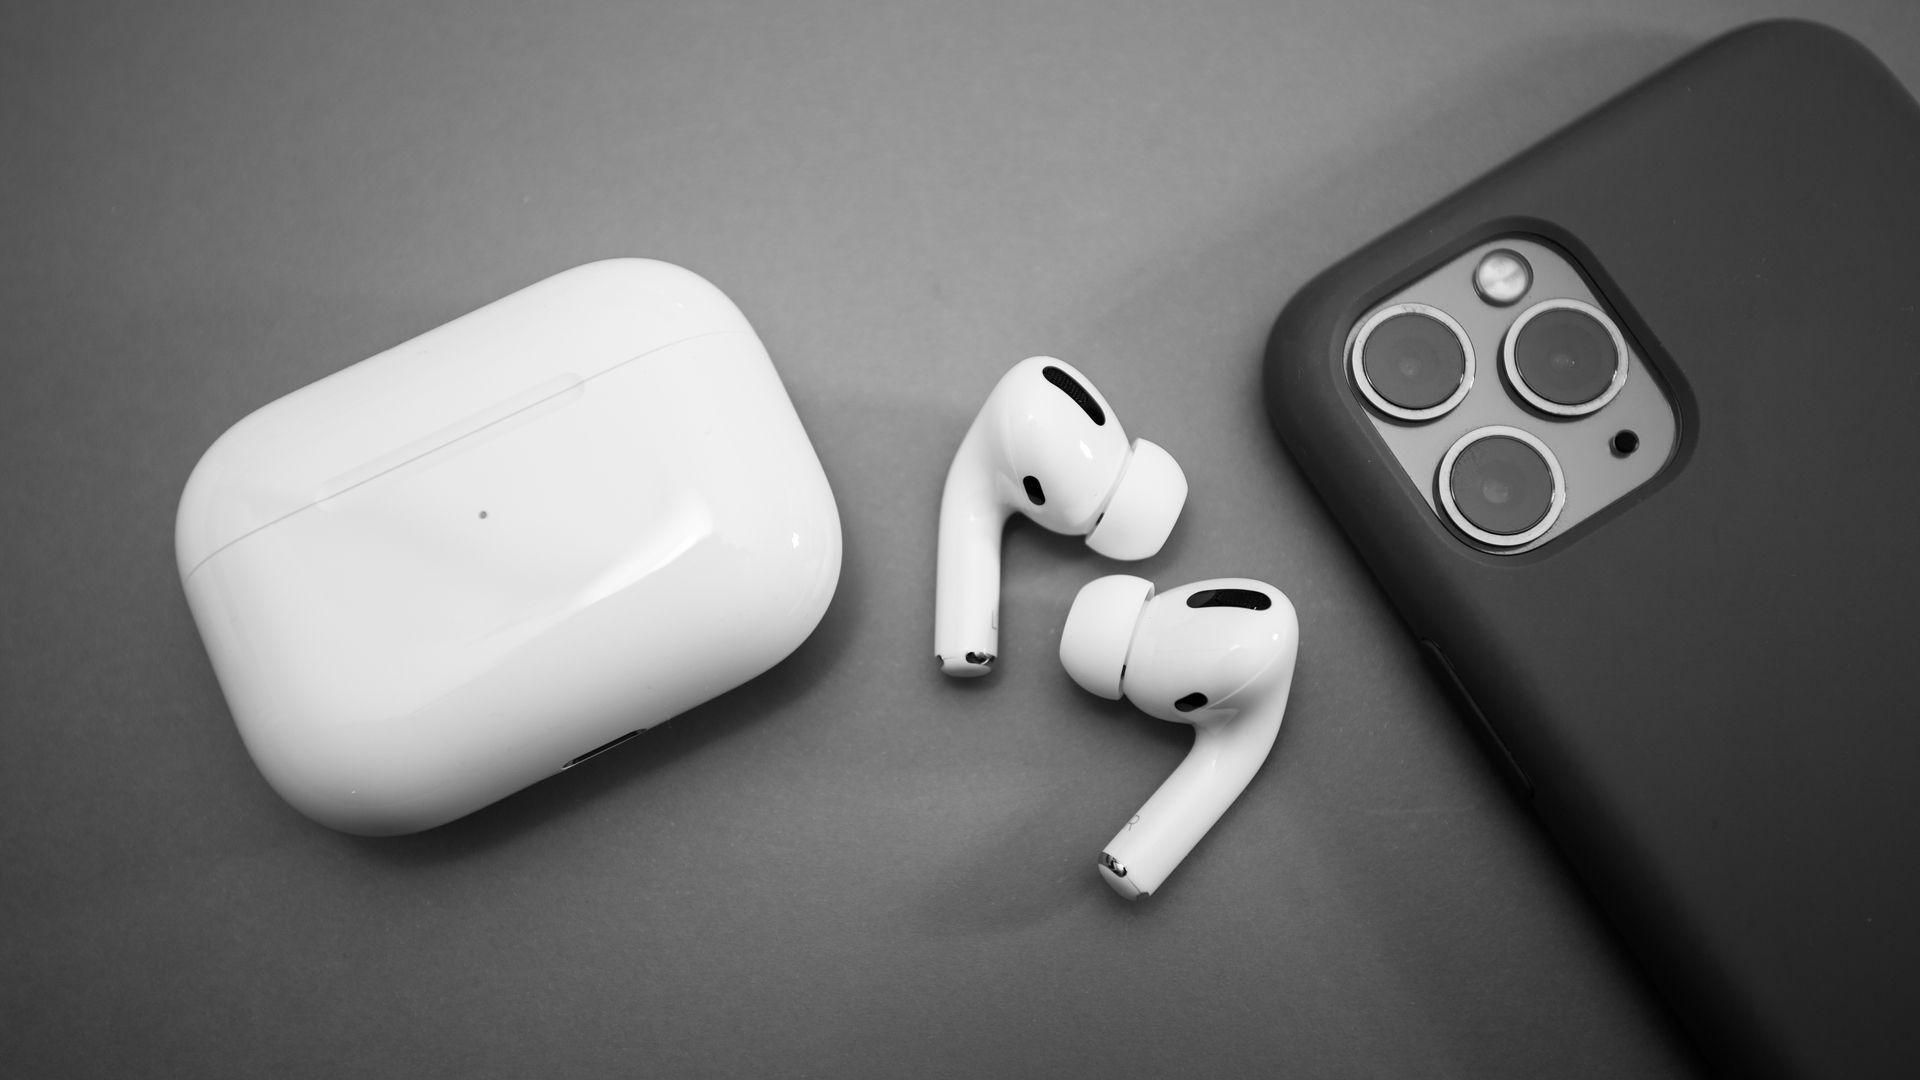 AirPods Pro ao lado do seu estojo e de um iPhone 11 Pro